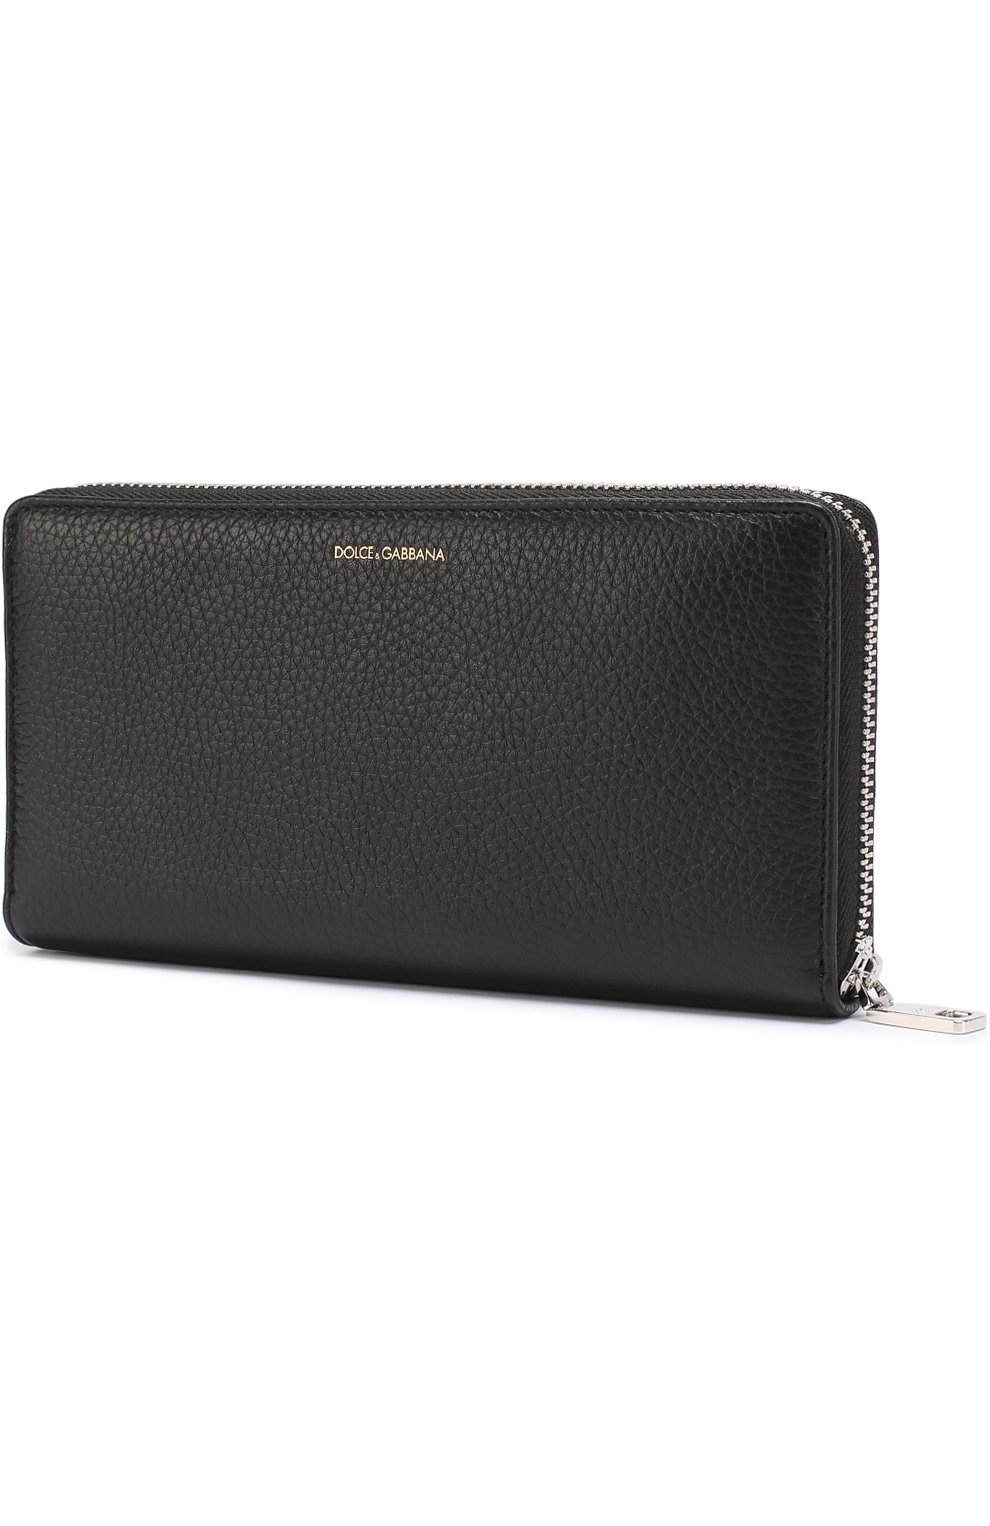 Кожаное портмоне на молнии с отделениями для кредитных карт и монет Dolce & Gabbana черного цвета | Фото №2